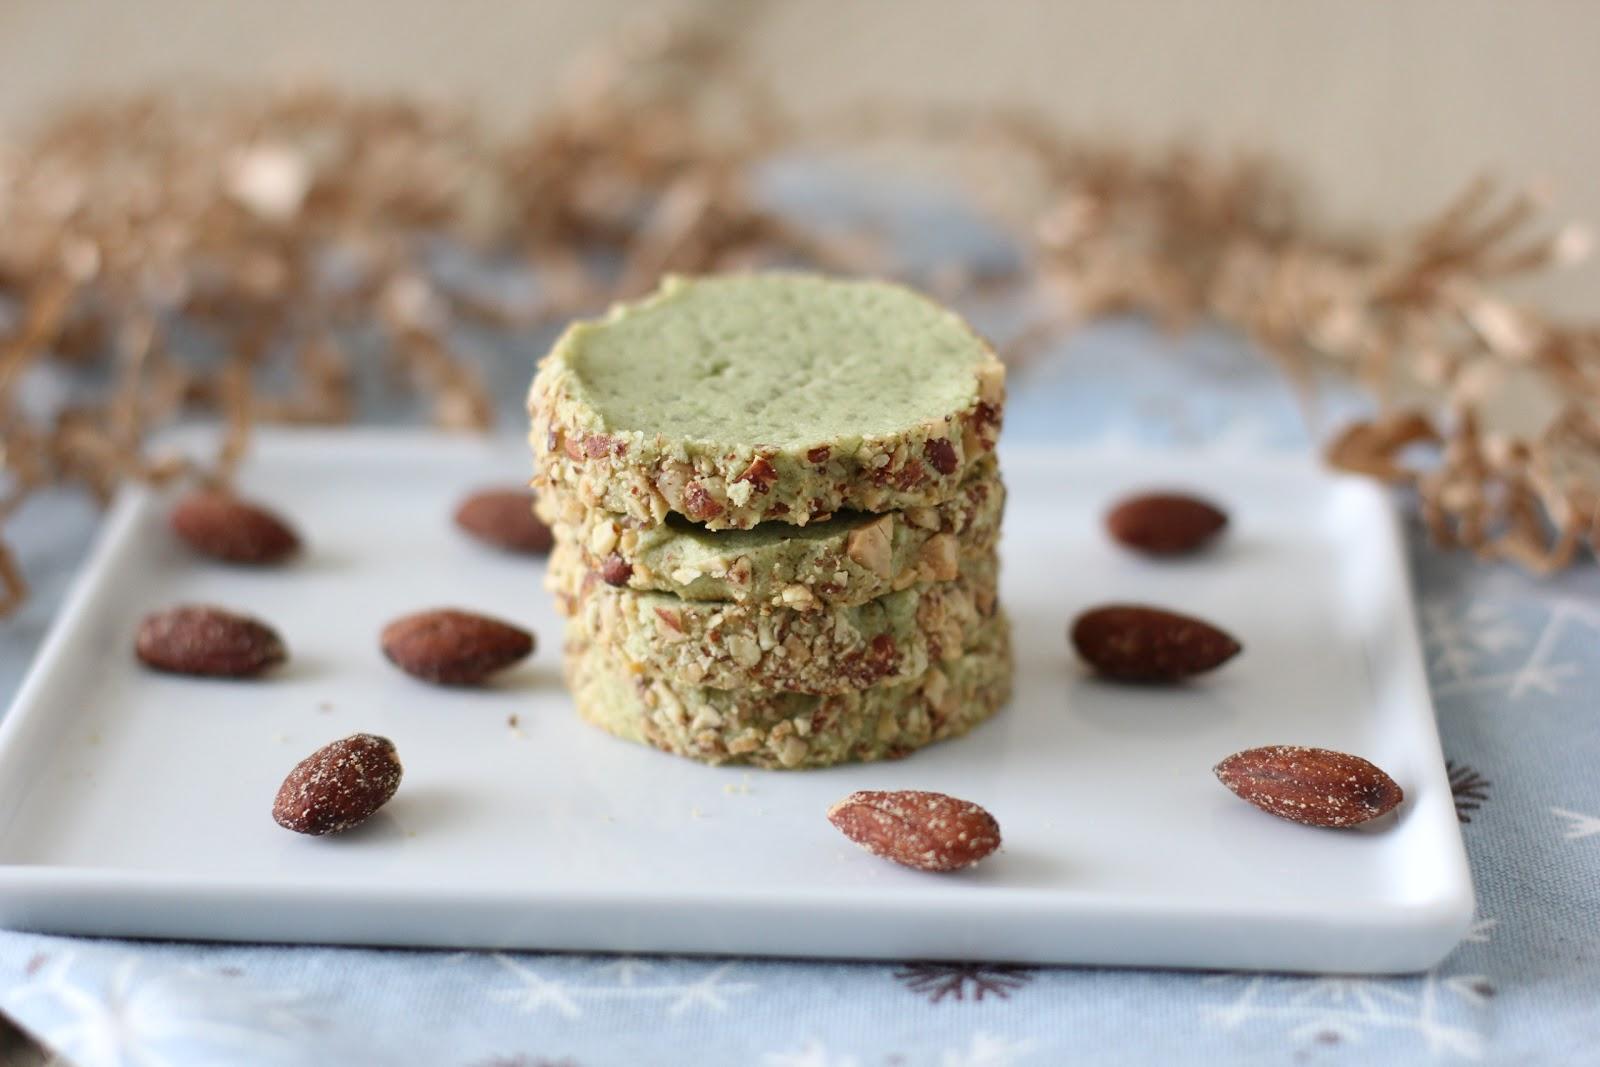 Smoked Almond Matcha Tea Cookies Recipe | Fake Food Free